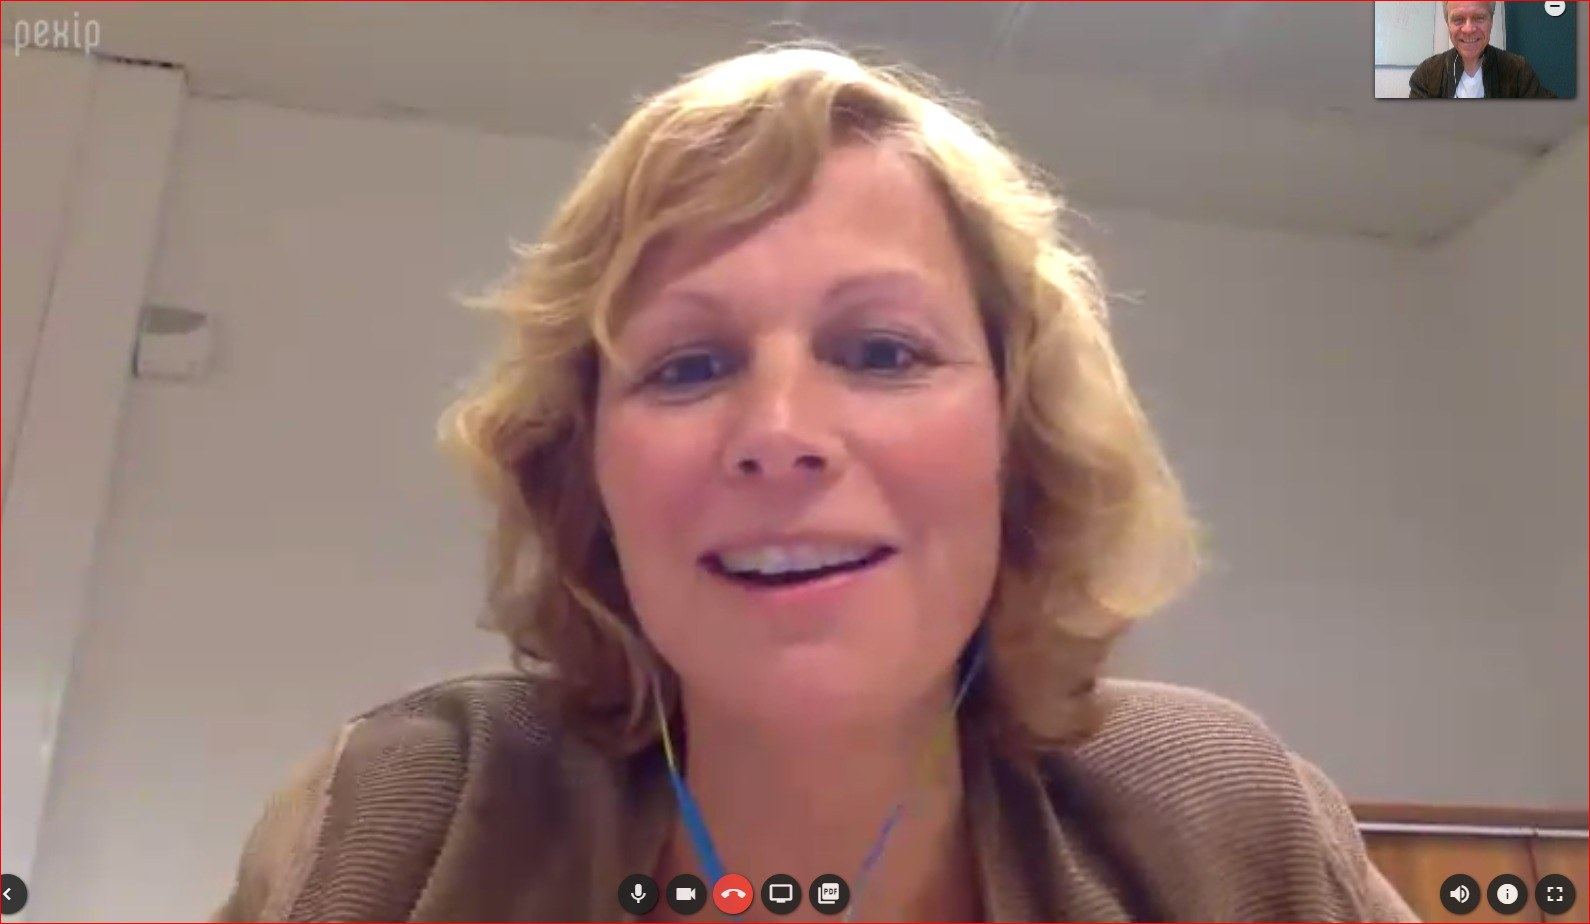 Tina s skype